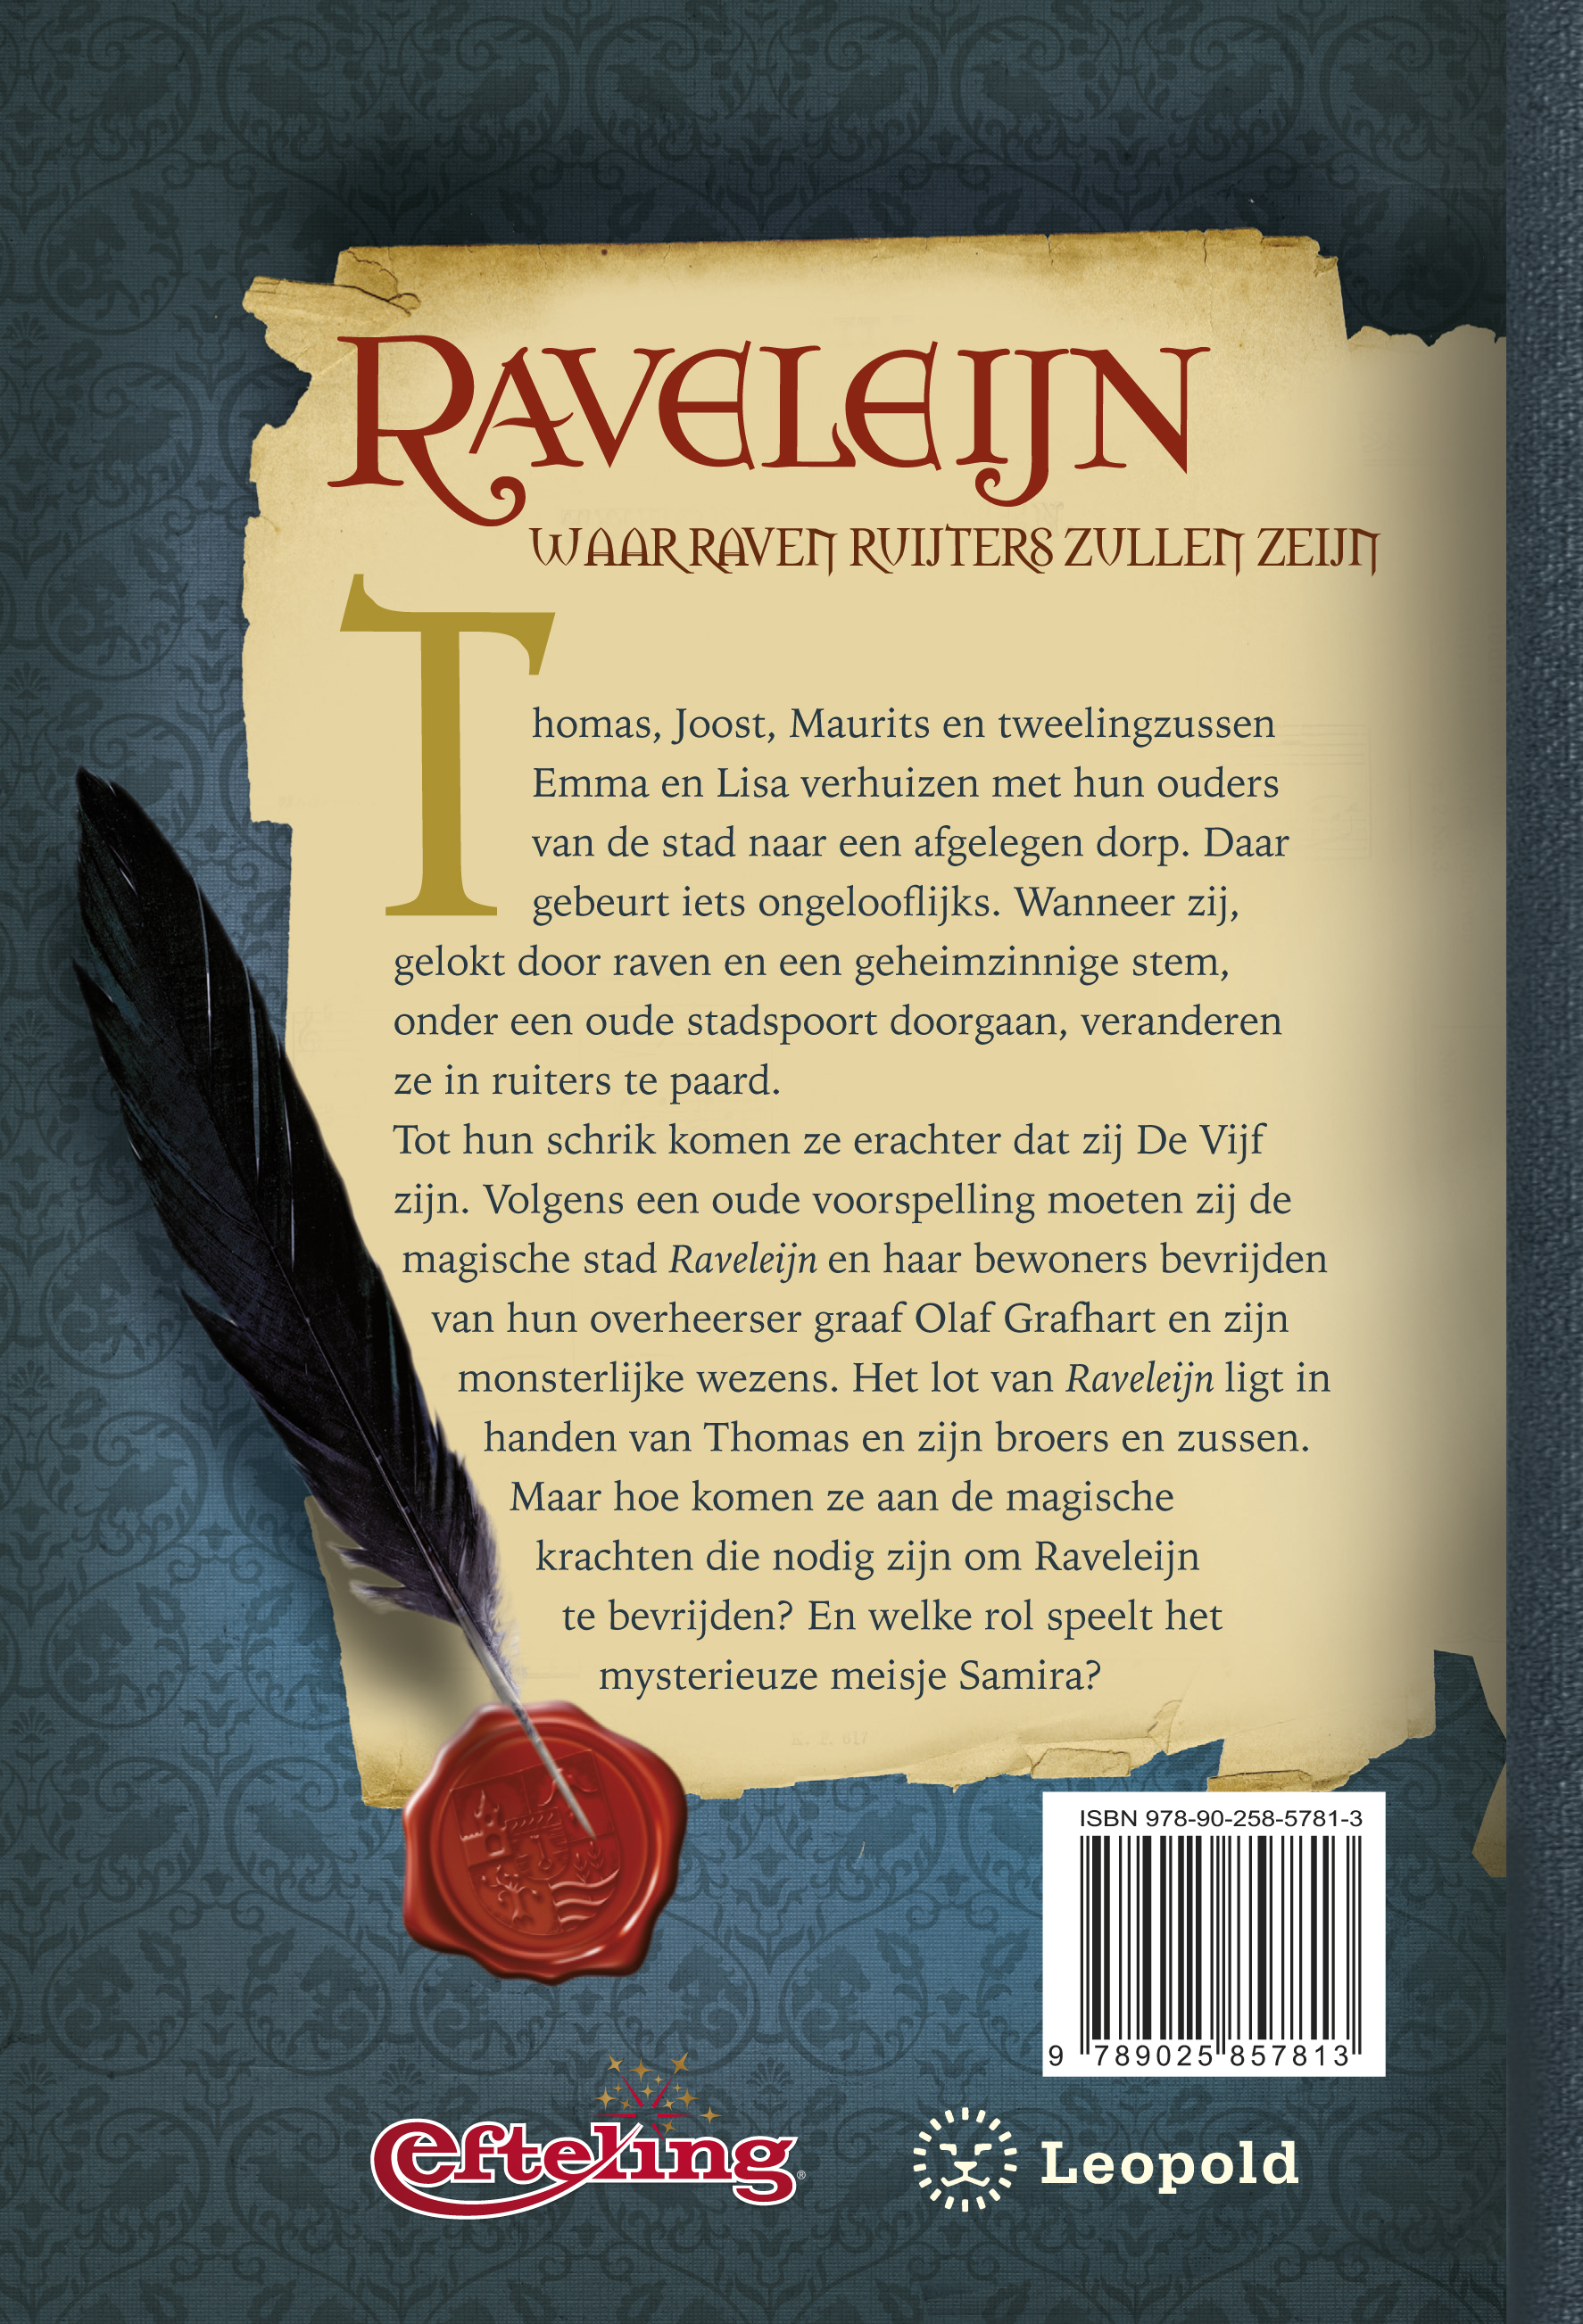 Raveleijn 1